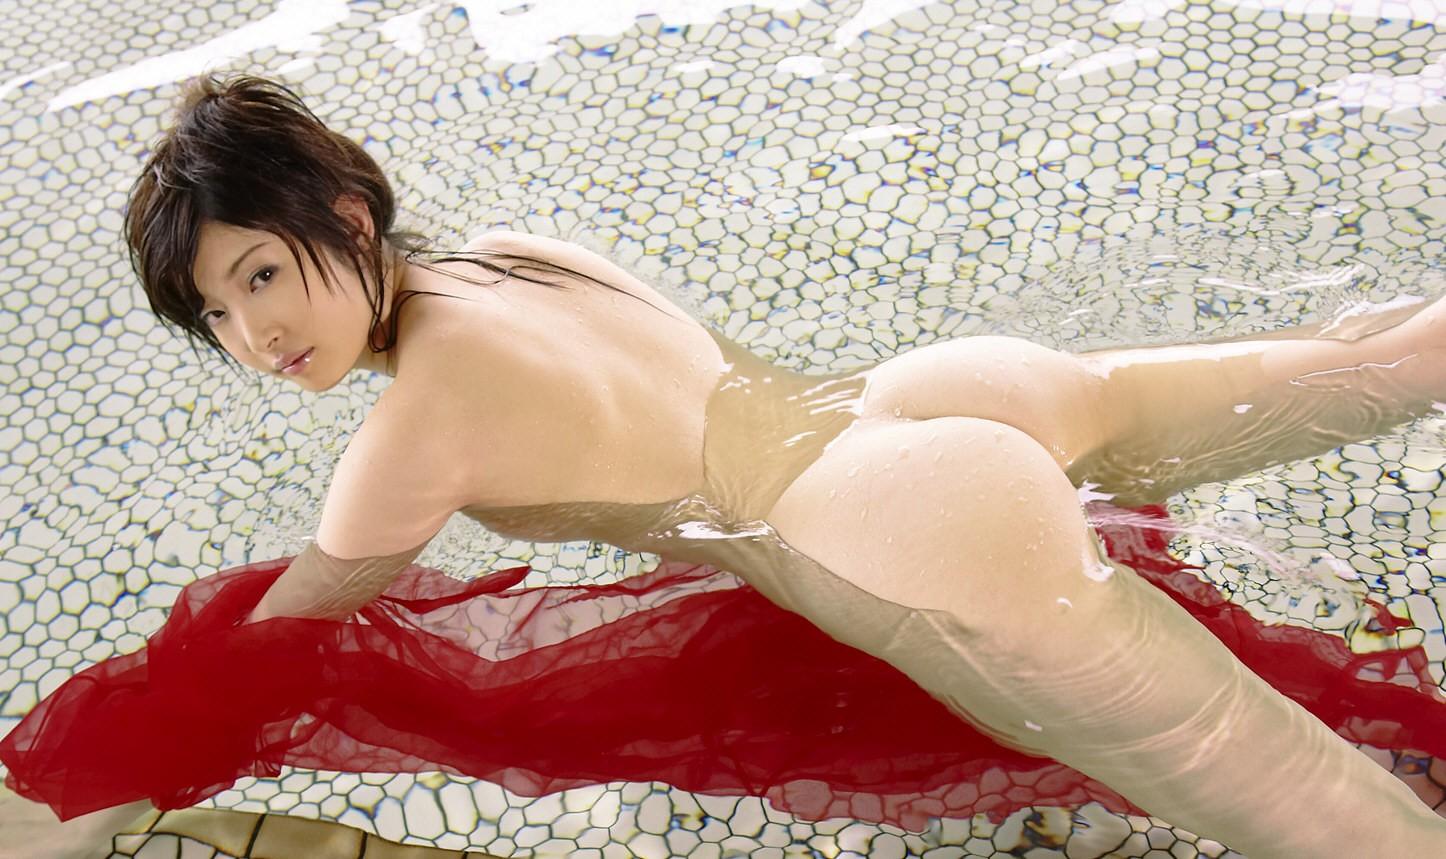 【入浴エロ画像】見たら吸い付きたくなる…お風呂中な女の濡れ尻www 11